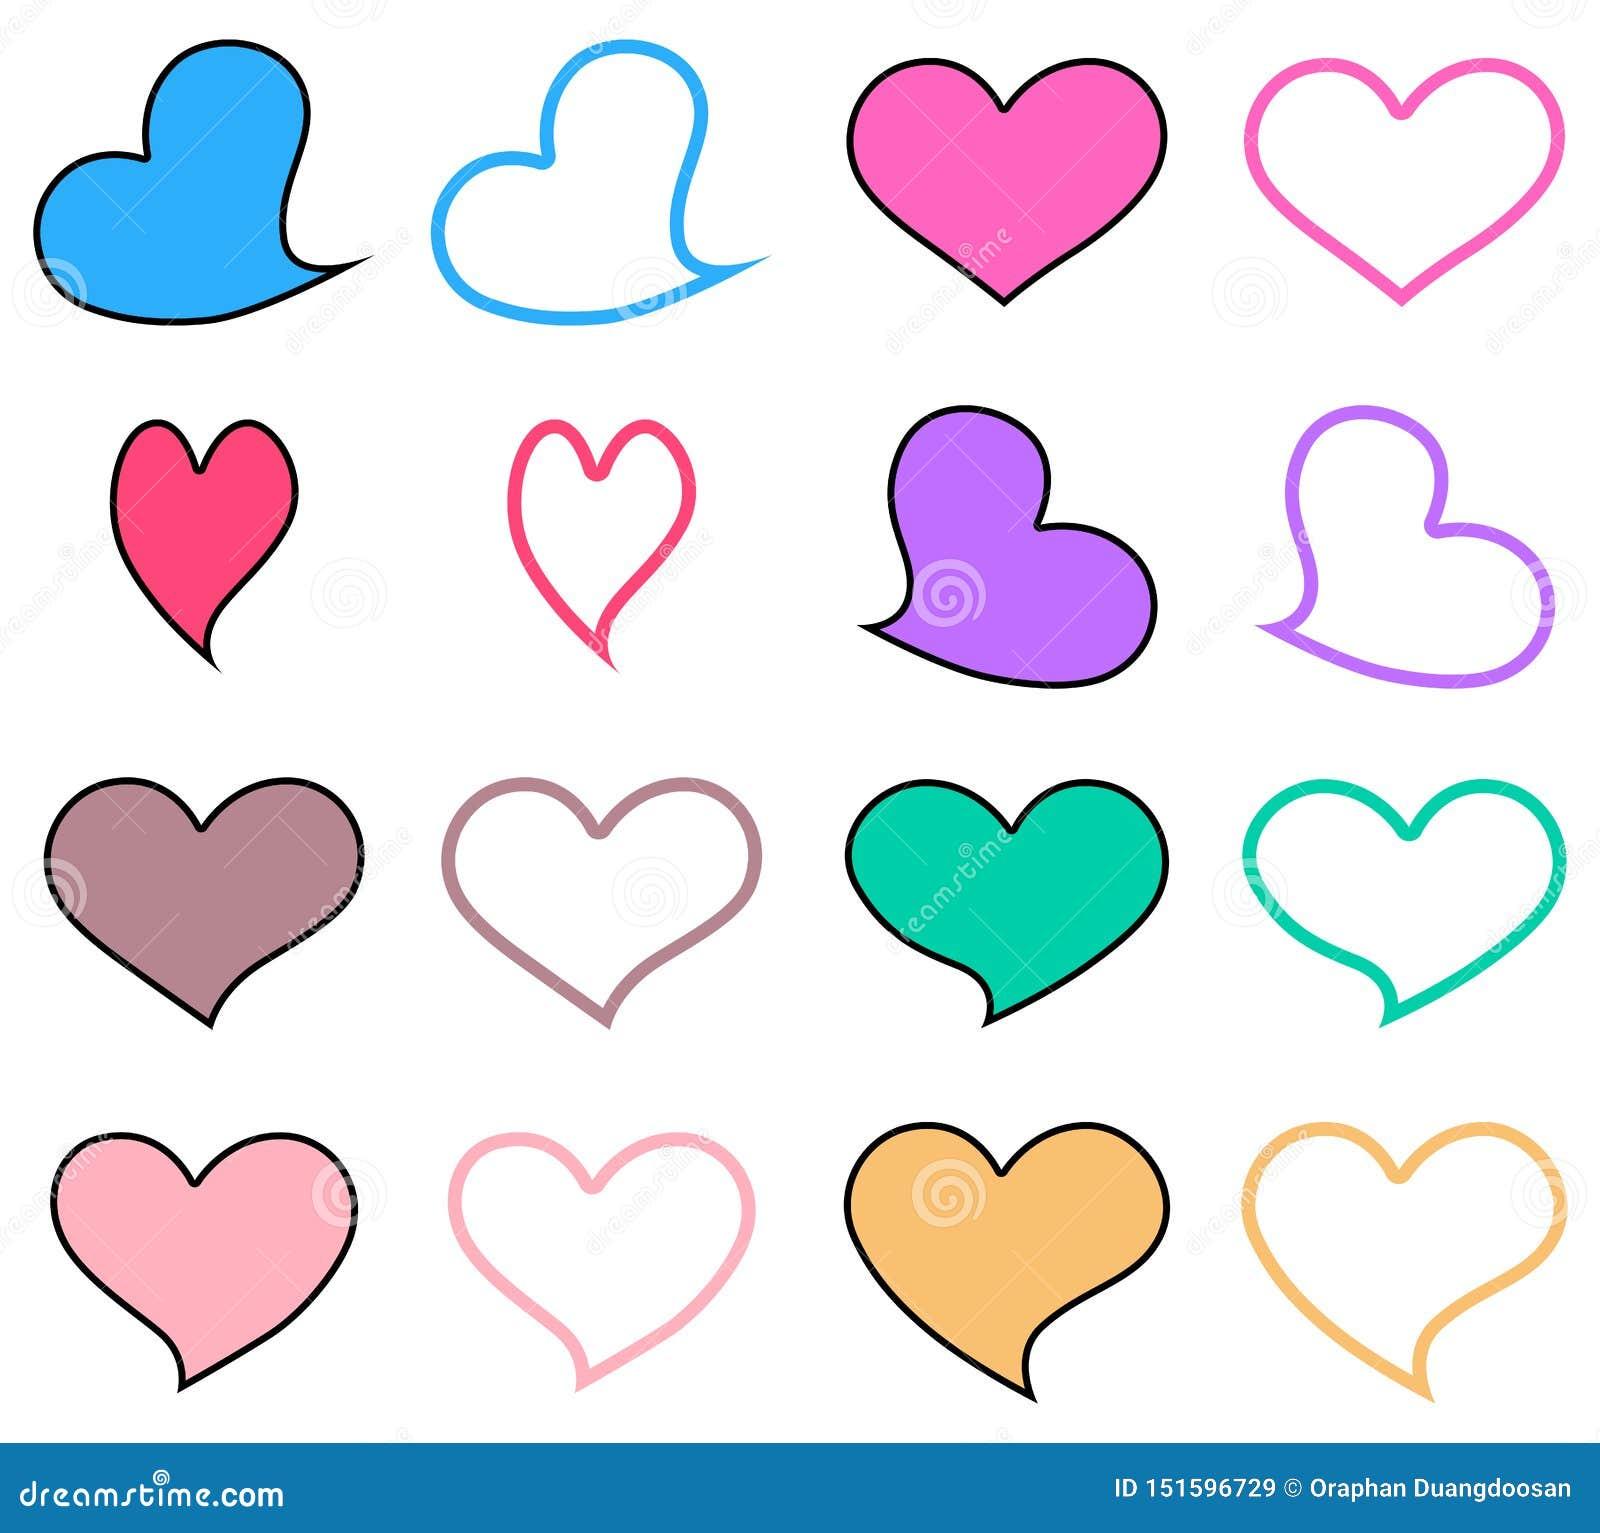 'Pastellherzikonensatz Grafikdesign im Konzept der Liebe nettes Liebesemblem Vektorliebessymbol für Valentinstag `